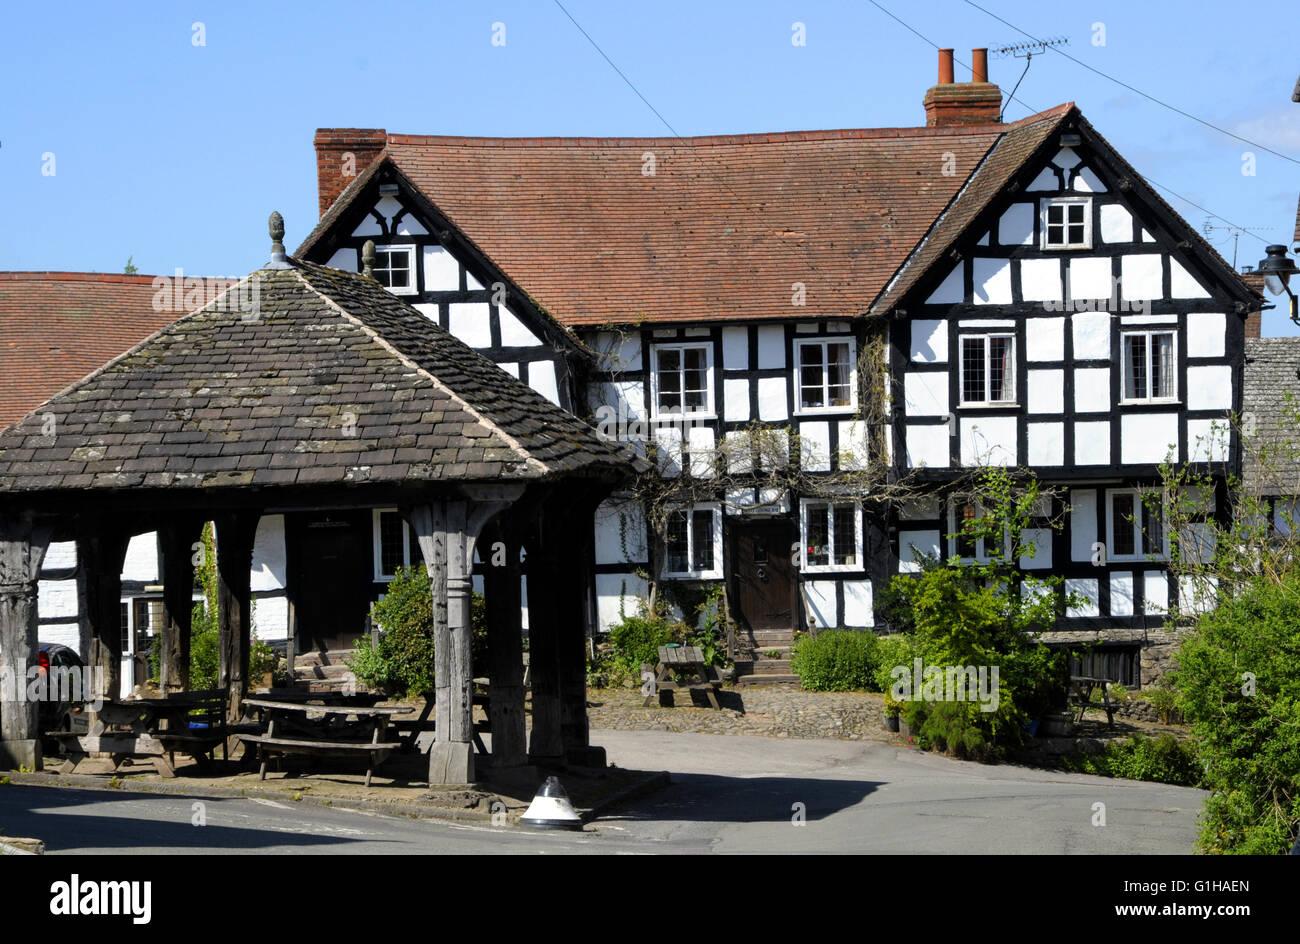 The Village Hall, Pembridge, Herefordshire, UK - Stock Image